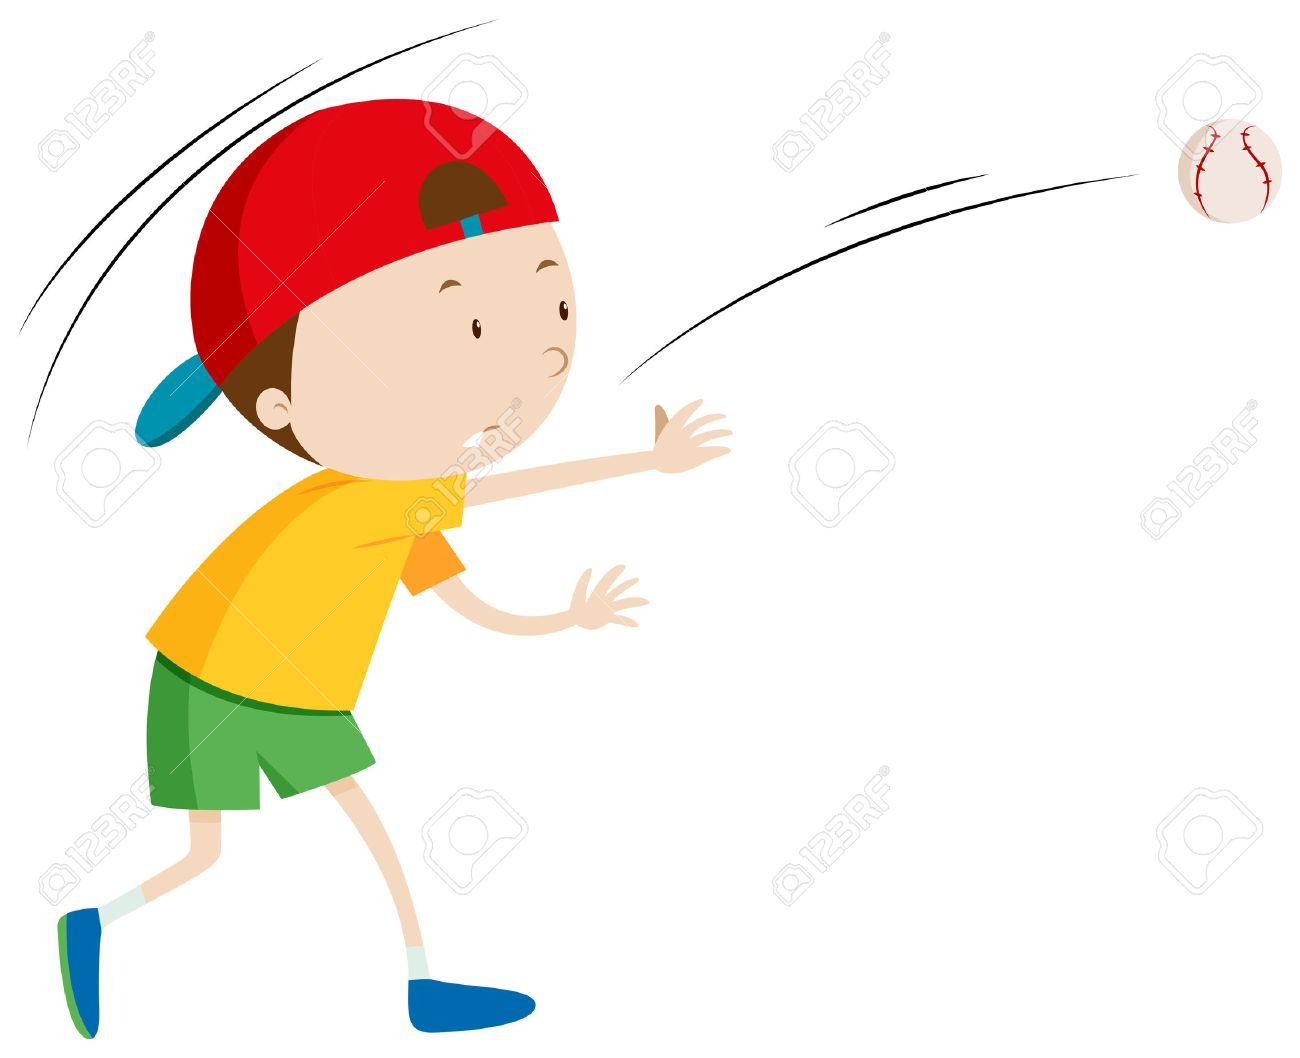 小さな少年投げるボール イラスト ロイヤリティフリークリップアート